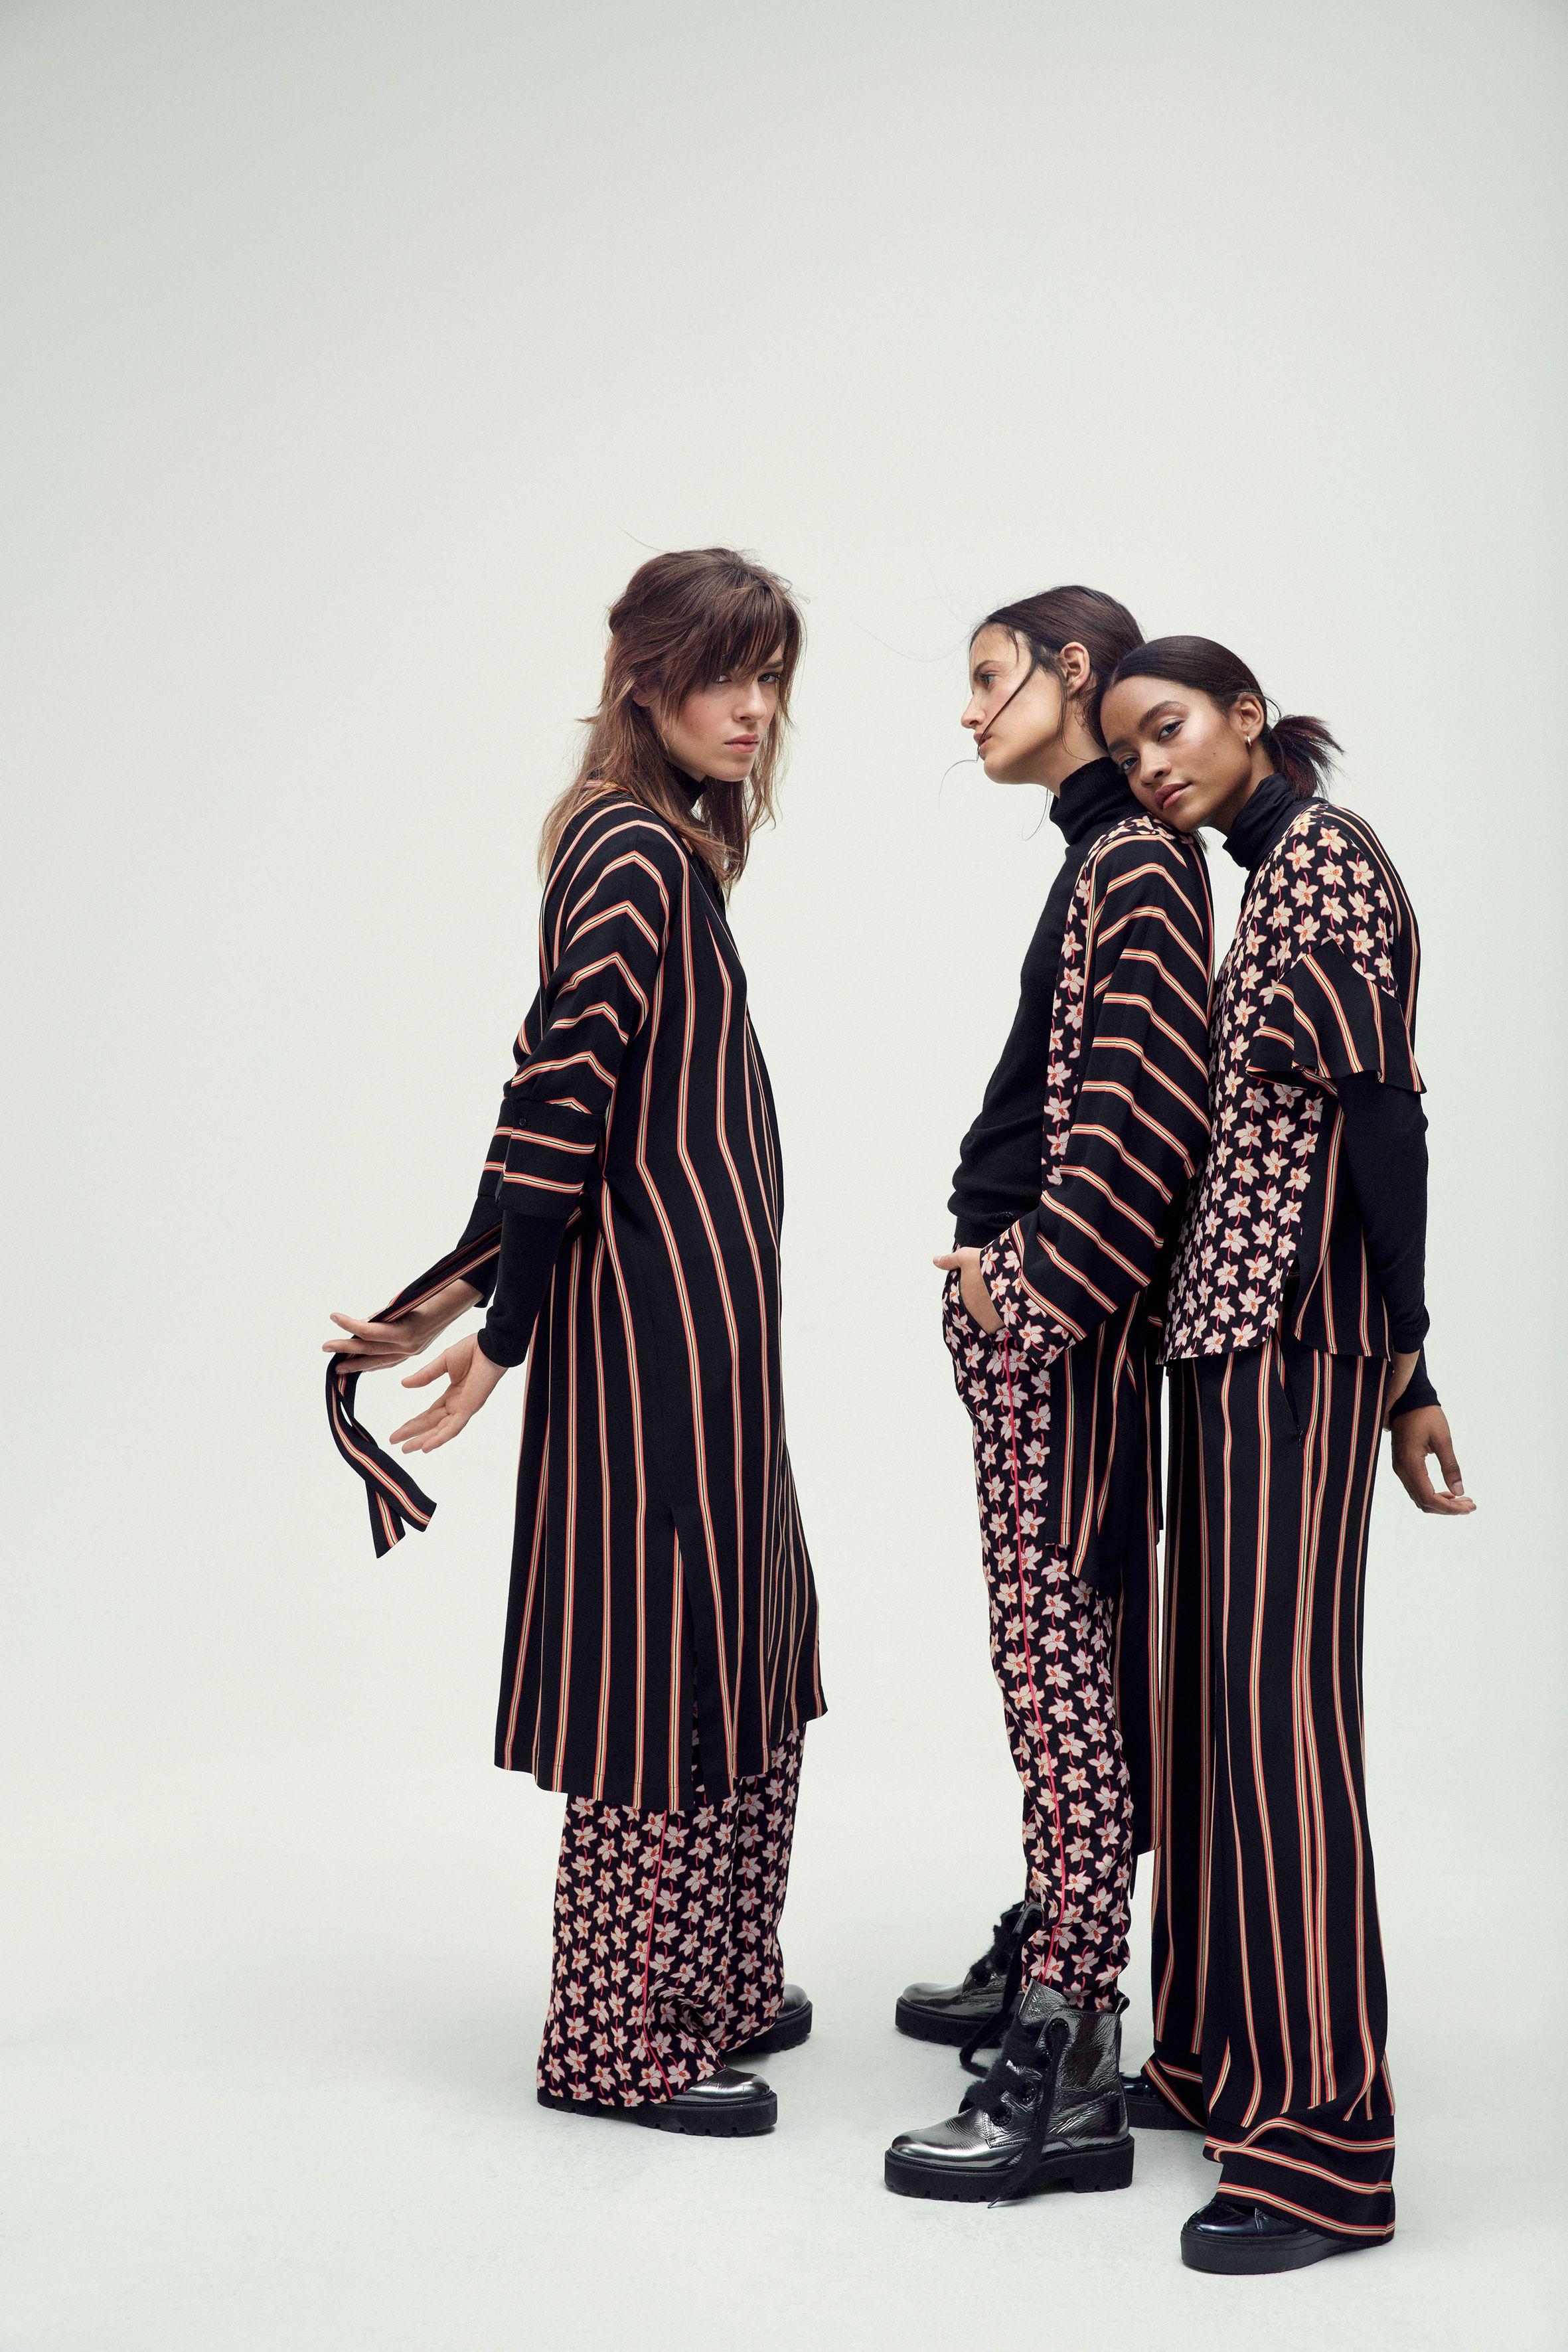 Chic & Cool | Mode, Modestil, Kleid mit ärmel